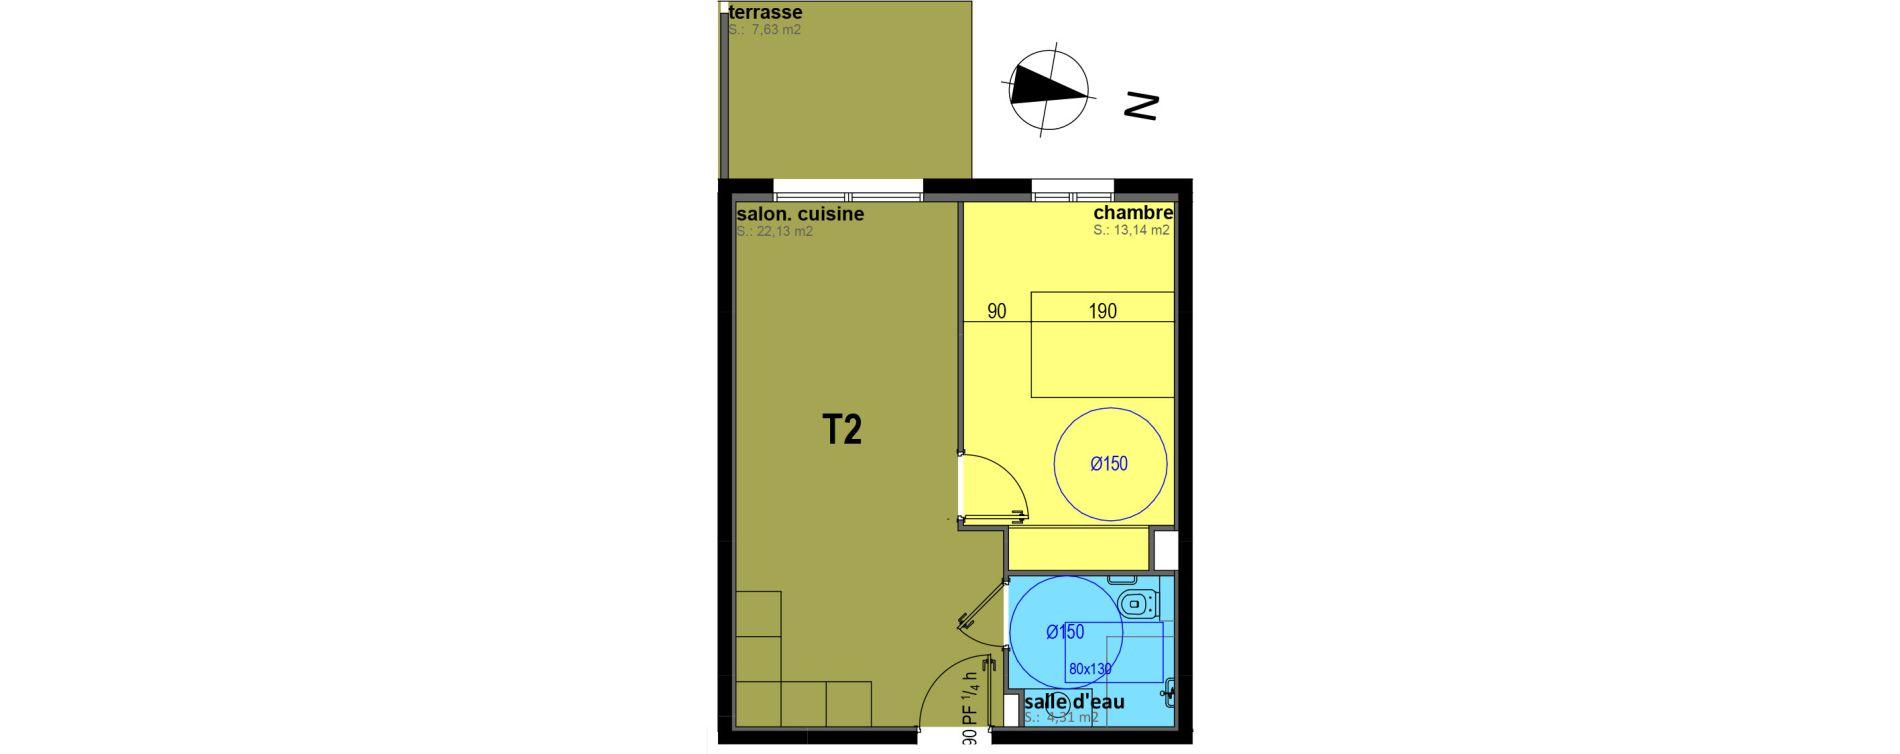 Appartement T2 meublé de 39,58 m2 à Sari-Solenzara Centre